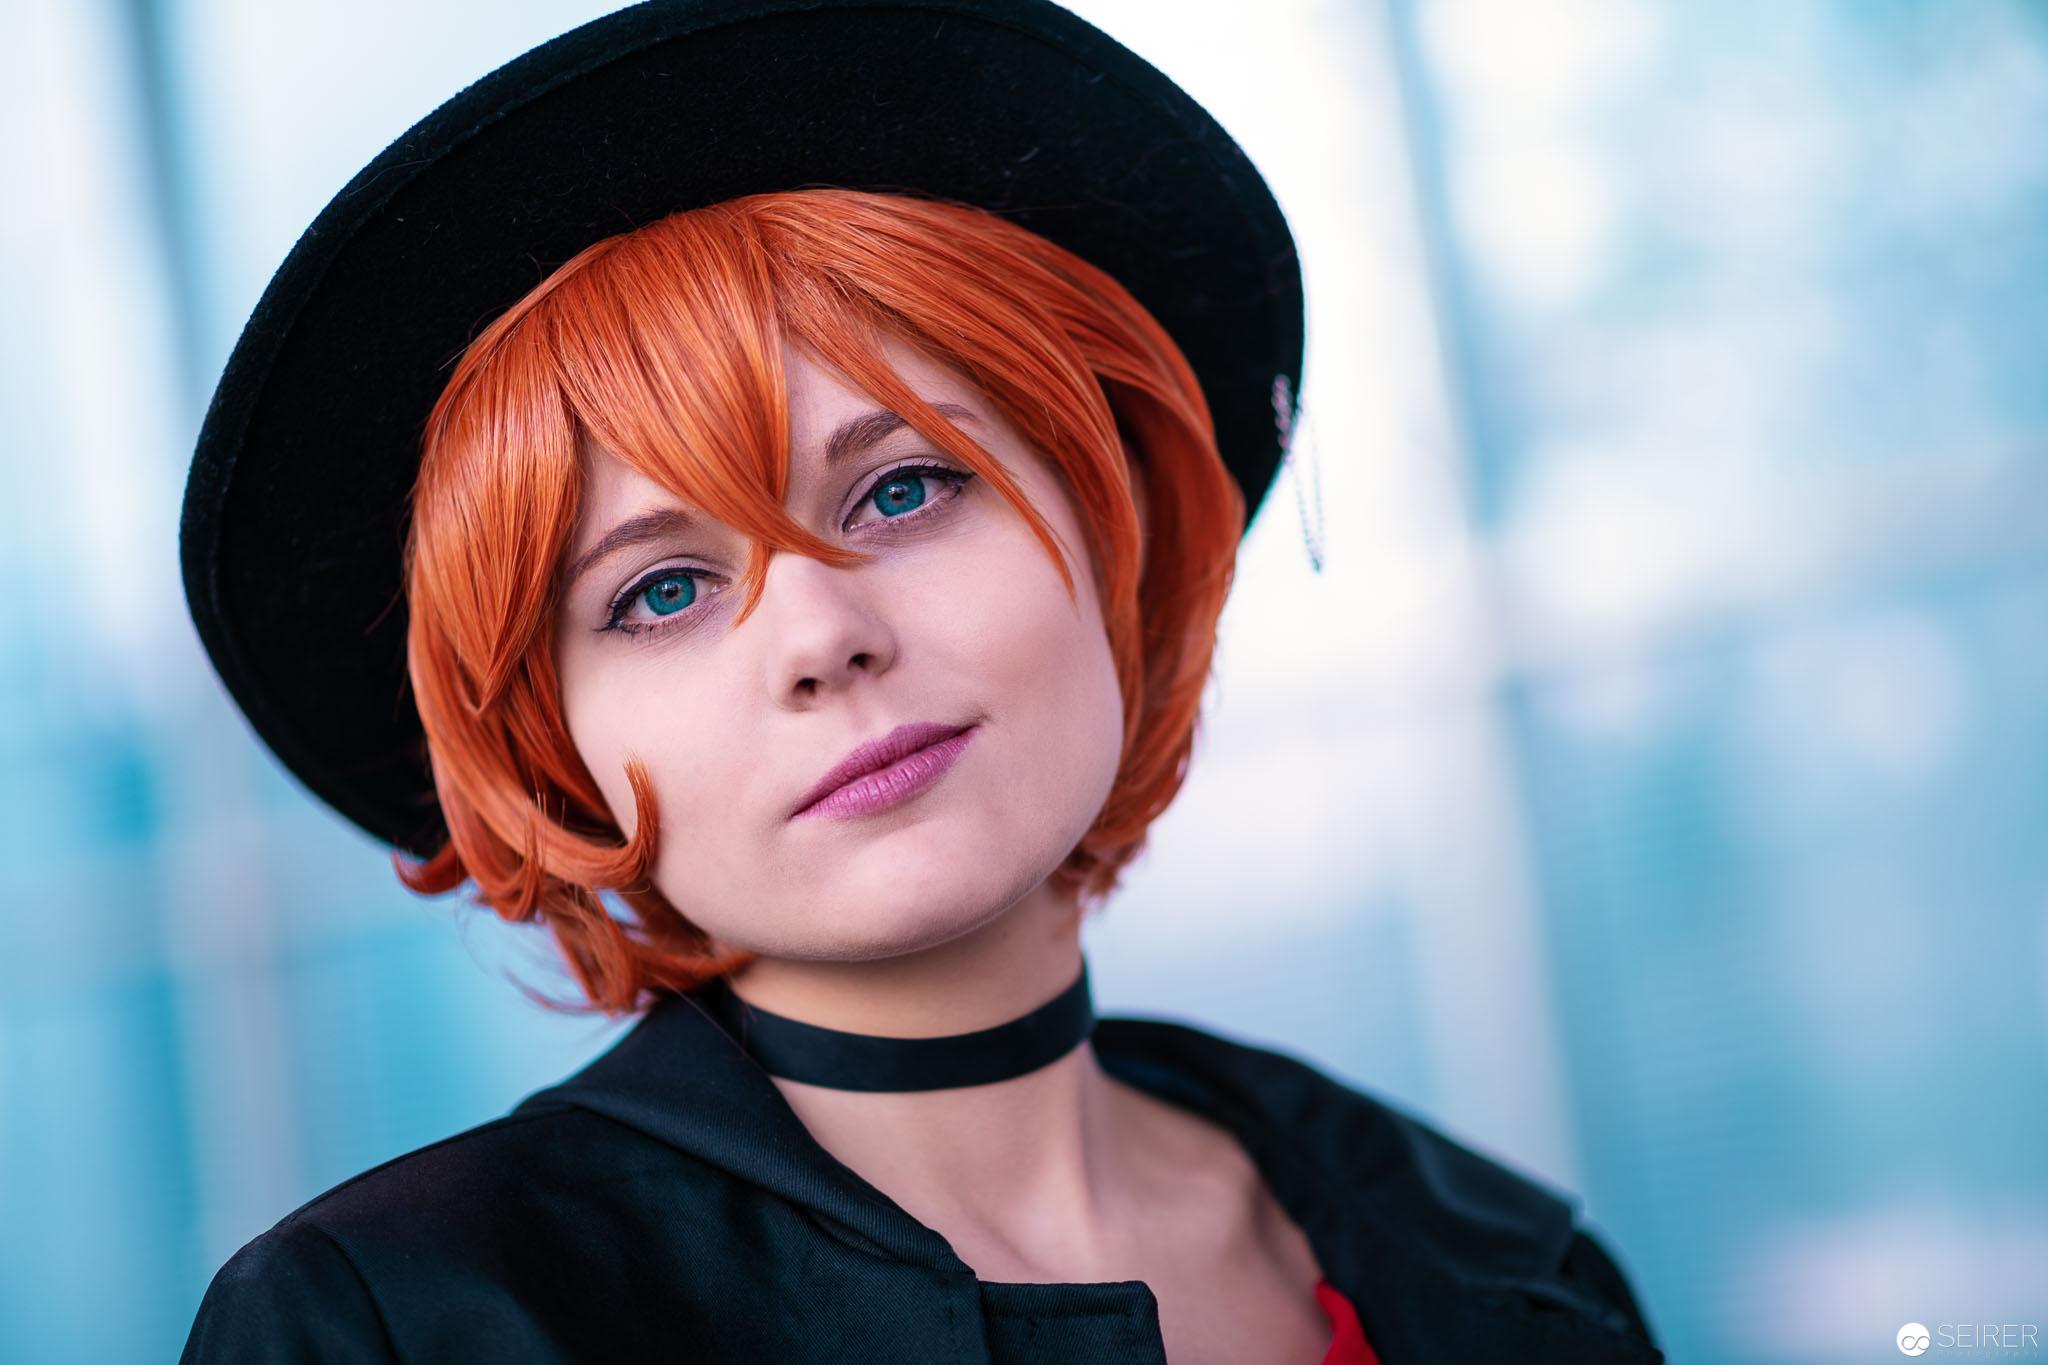 Wundervolles Portrait von der Vienna ComicCon 2018